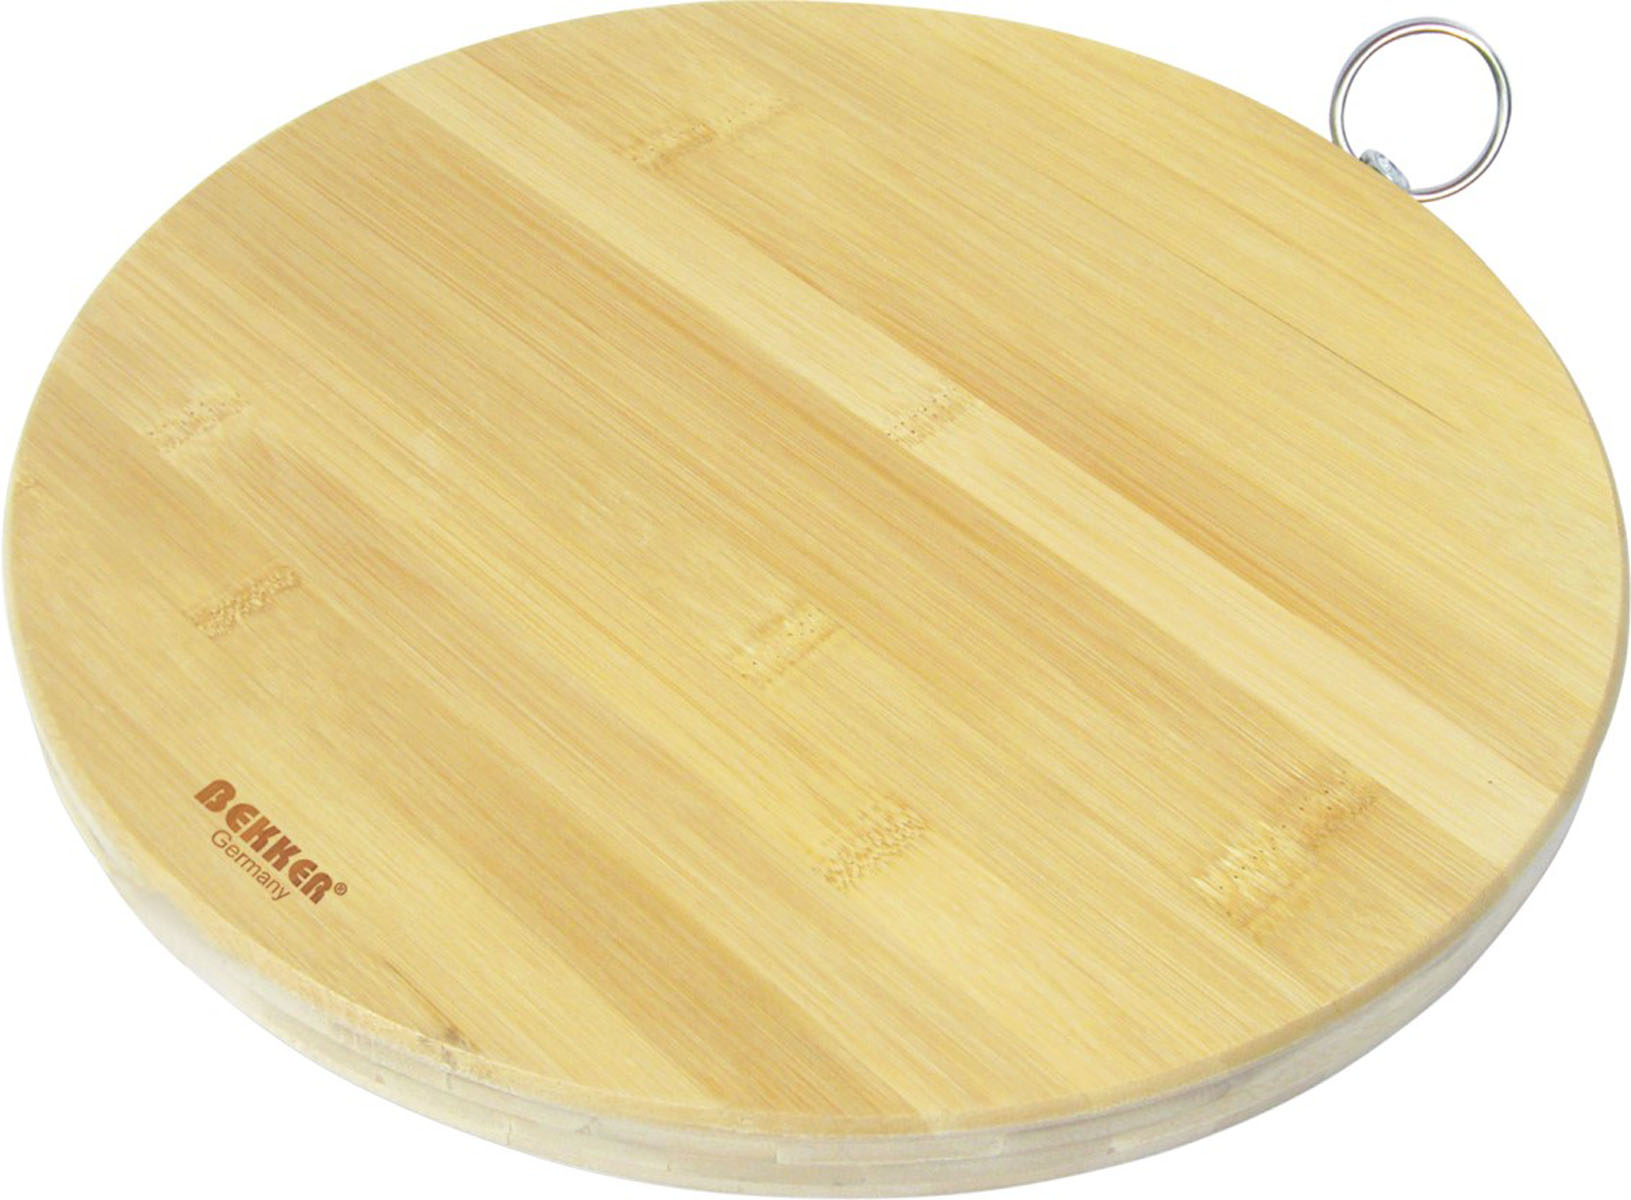 Доска разделочная Bekker, бамбуковая, диаметр 30 см. BK-9703115510Круглая разделочная доска Bekker изготовлена из высококачественной древесины бамбука, обладающей антибактериальными свойствами. Бамбук - инновационный материал, идеально подходящий для разделочных досок. Доски из бамбука обладают высокой плотностью структуры древесины, а также устойчивы к механическим воздействиям. Доска оснащена крючком для подвешивания. Функциональная и простая в использовании, разделочная доска Bekker прекрасно впишется в интерьер любой кухни и прослужит вам долгие годы.